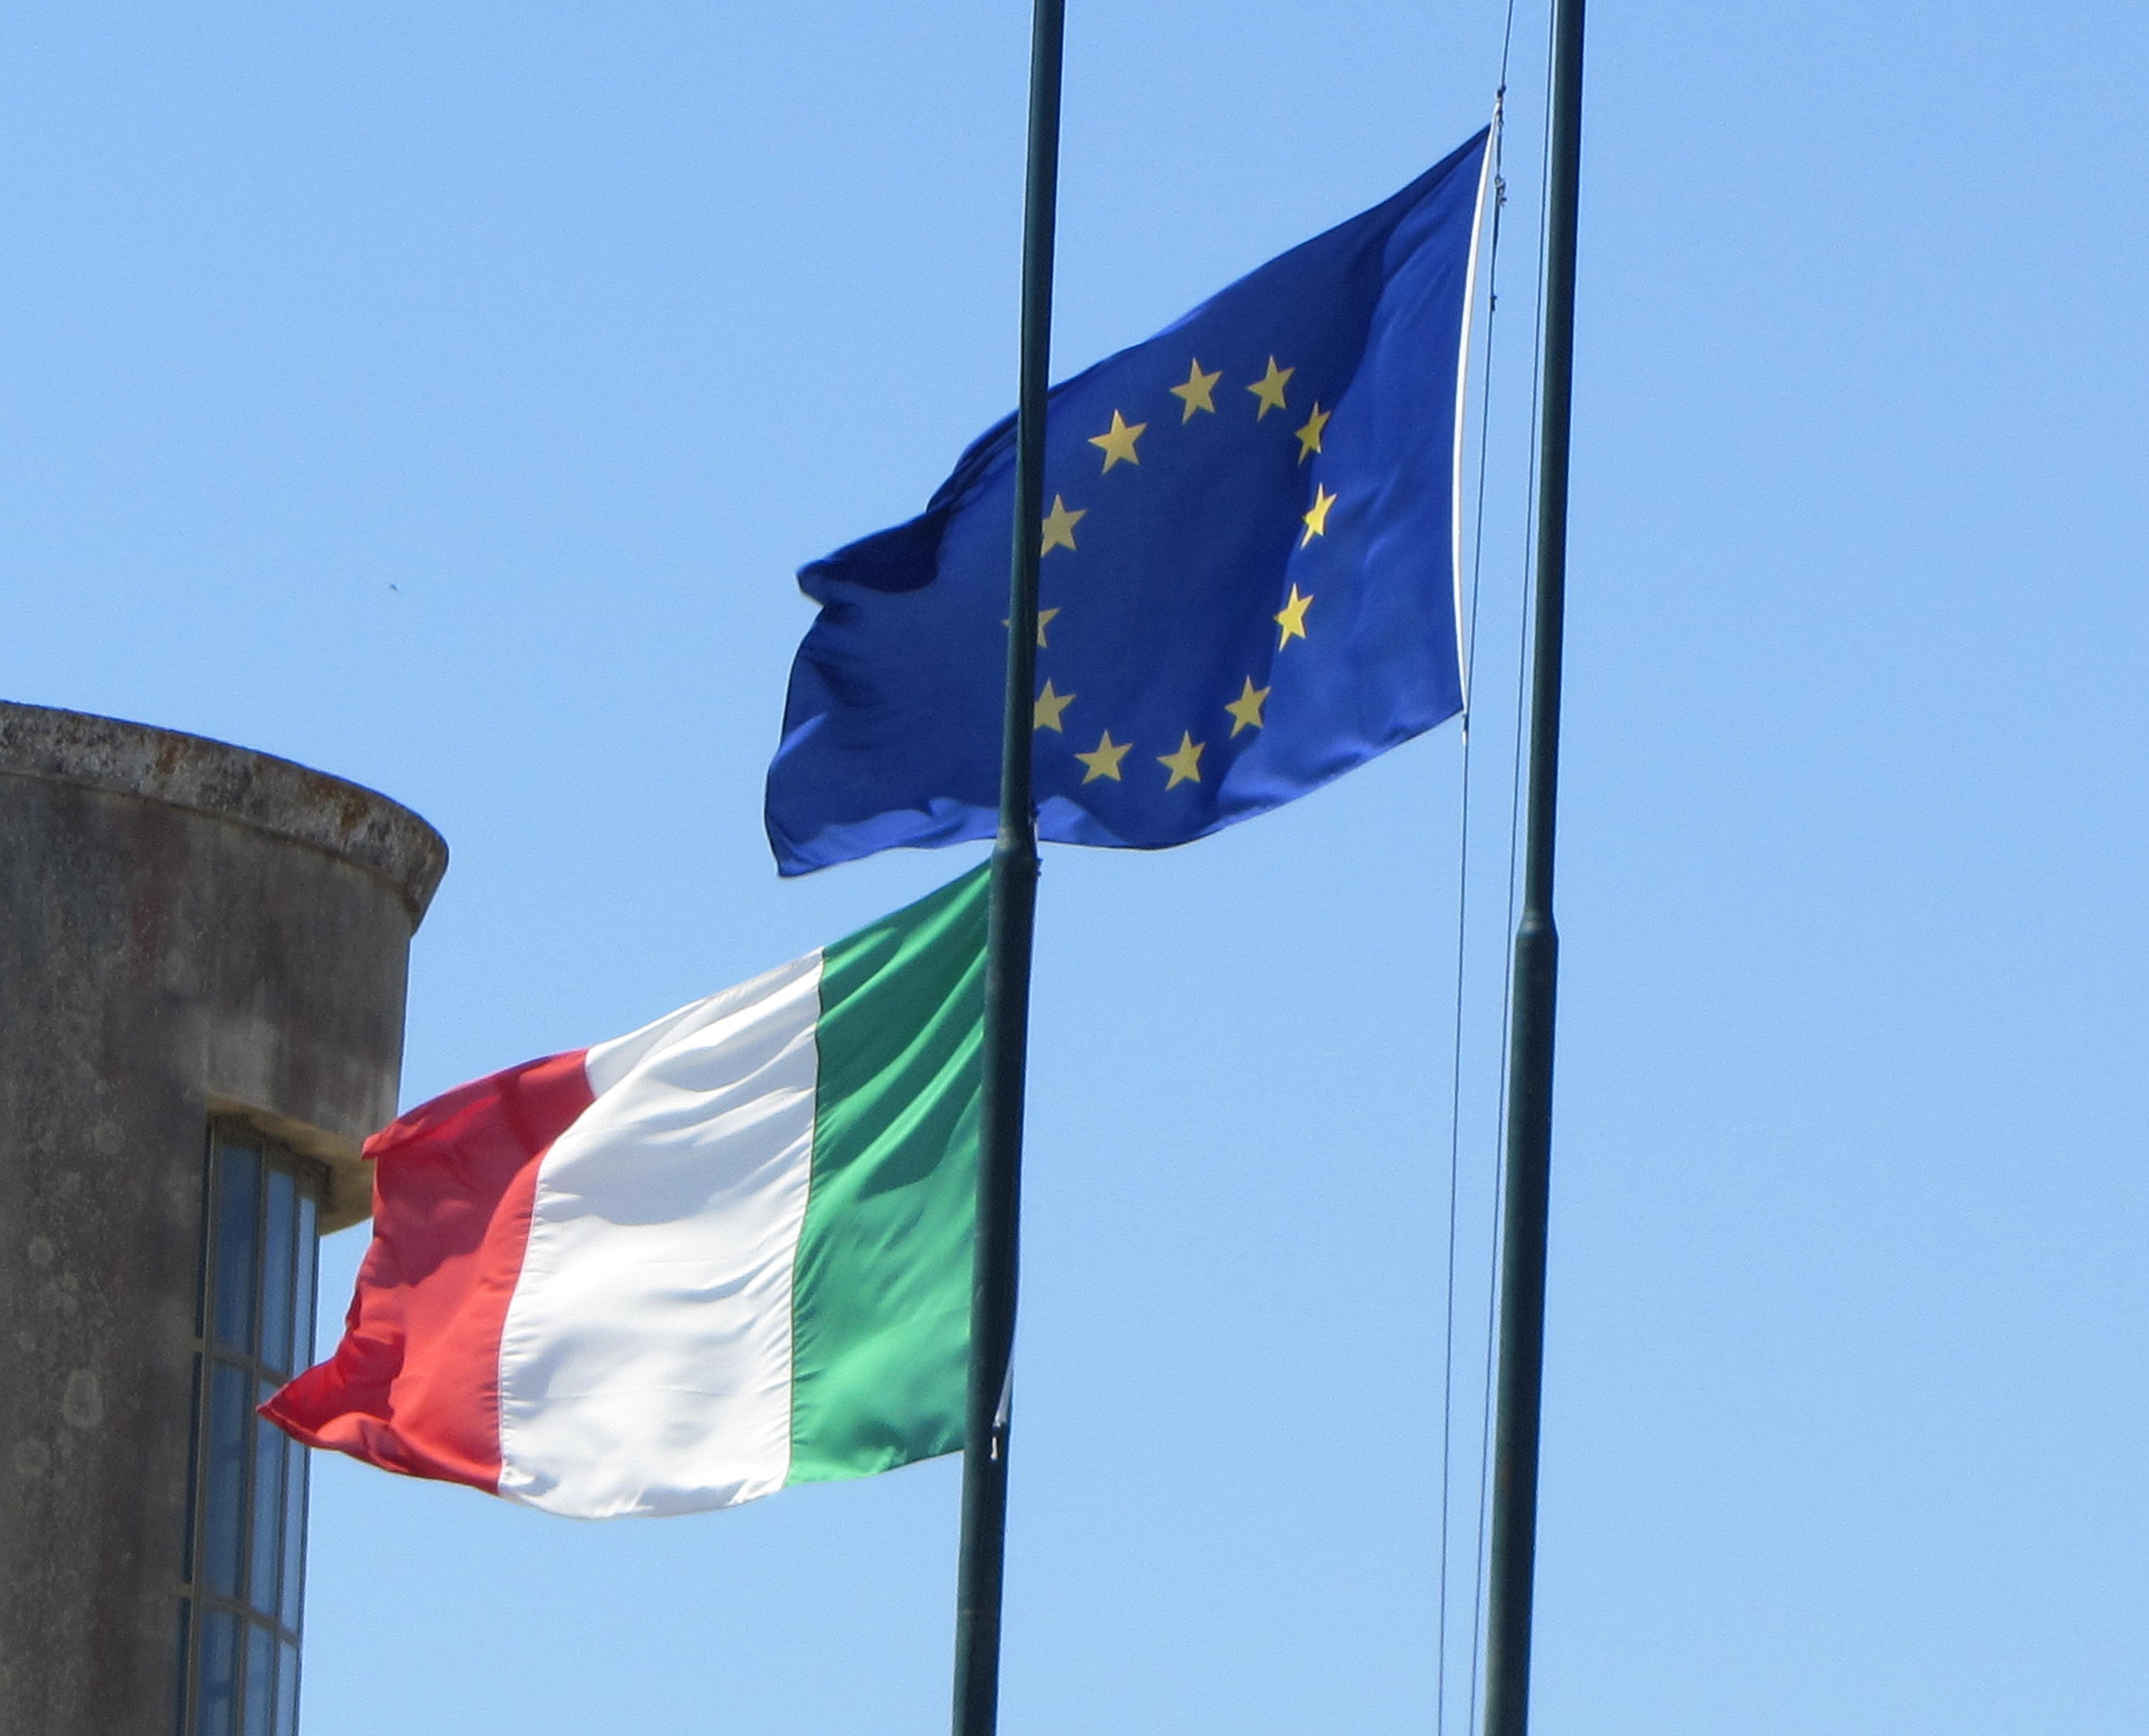 A Itália é um dos membros fundadores da União Europeia a774d96645f06